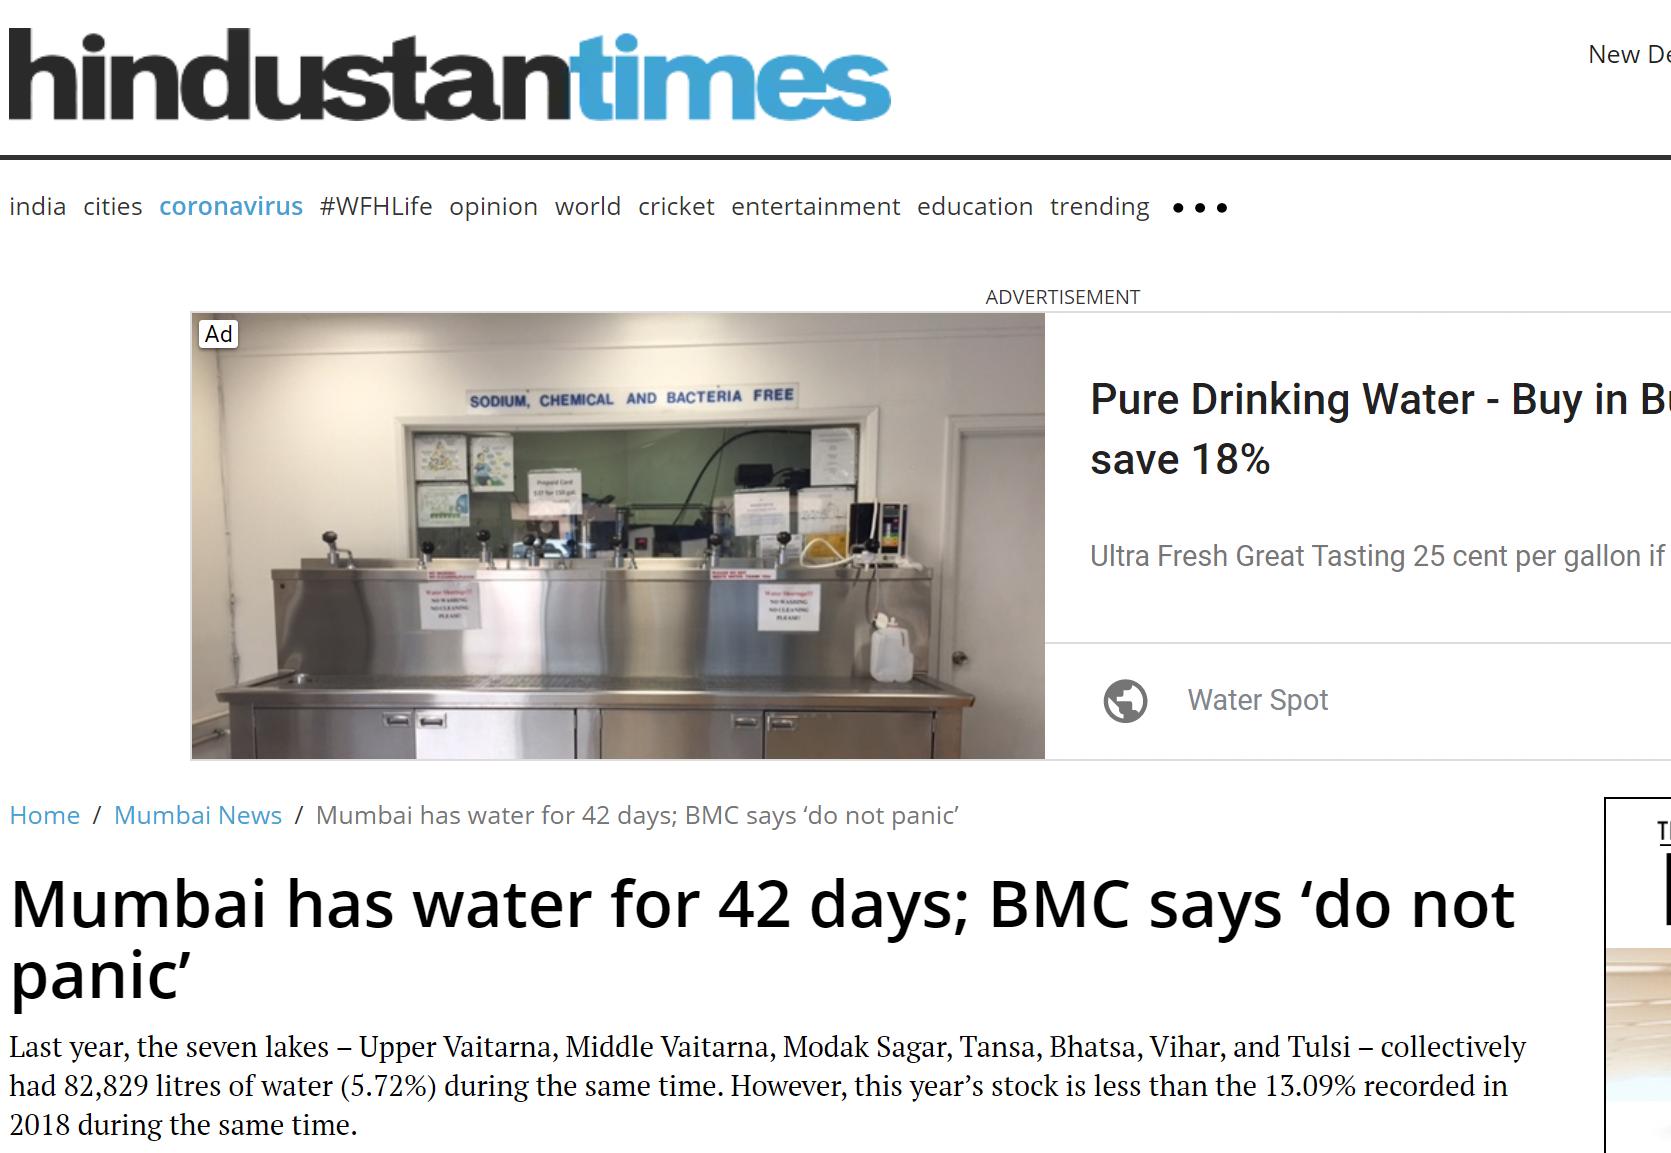 印度孟买储水量只够维持42天 官员:下雨时会有水的